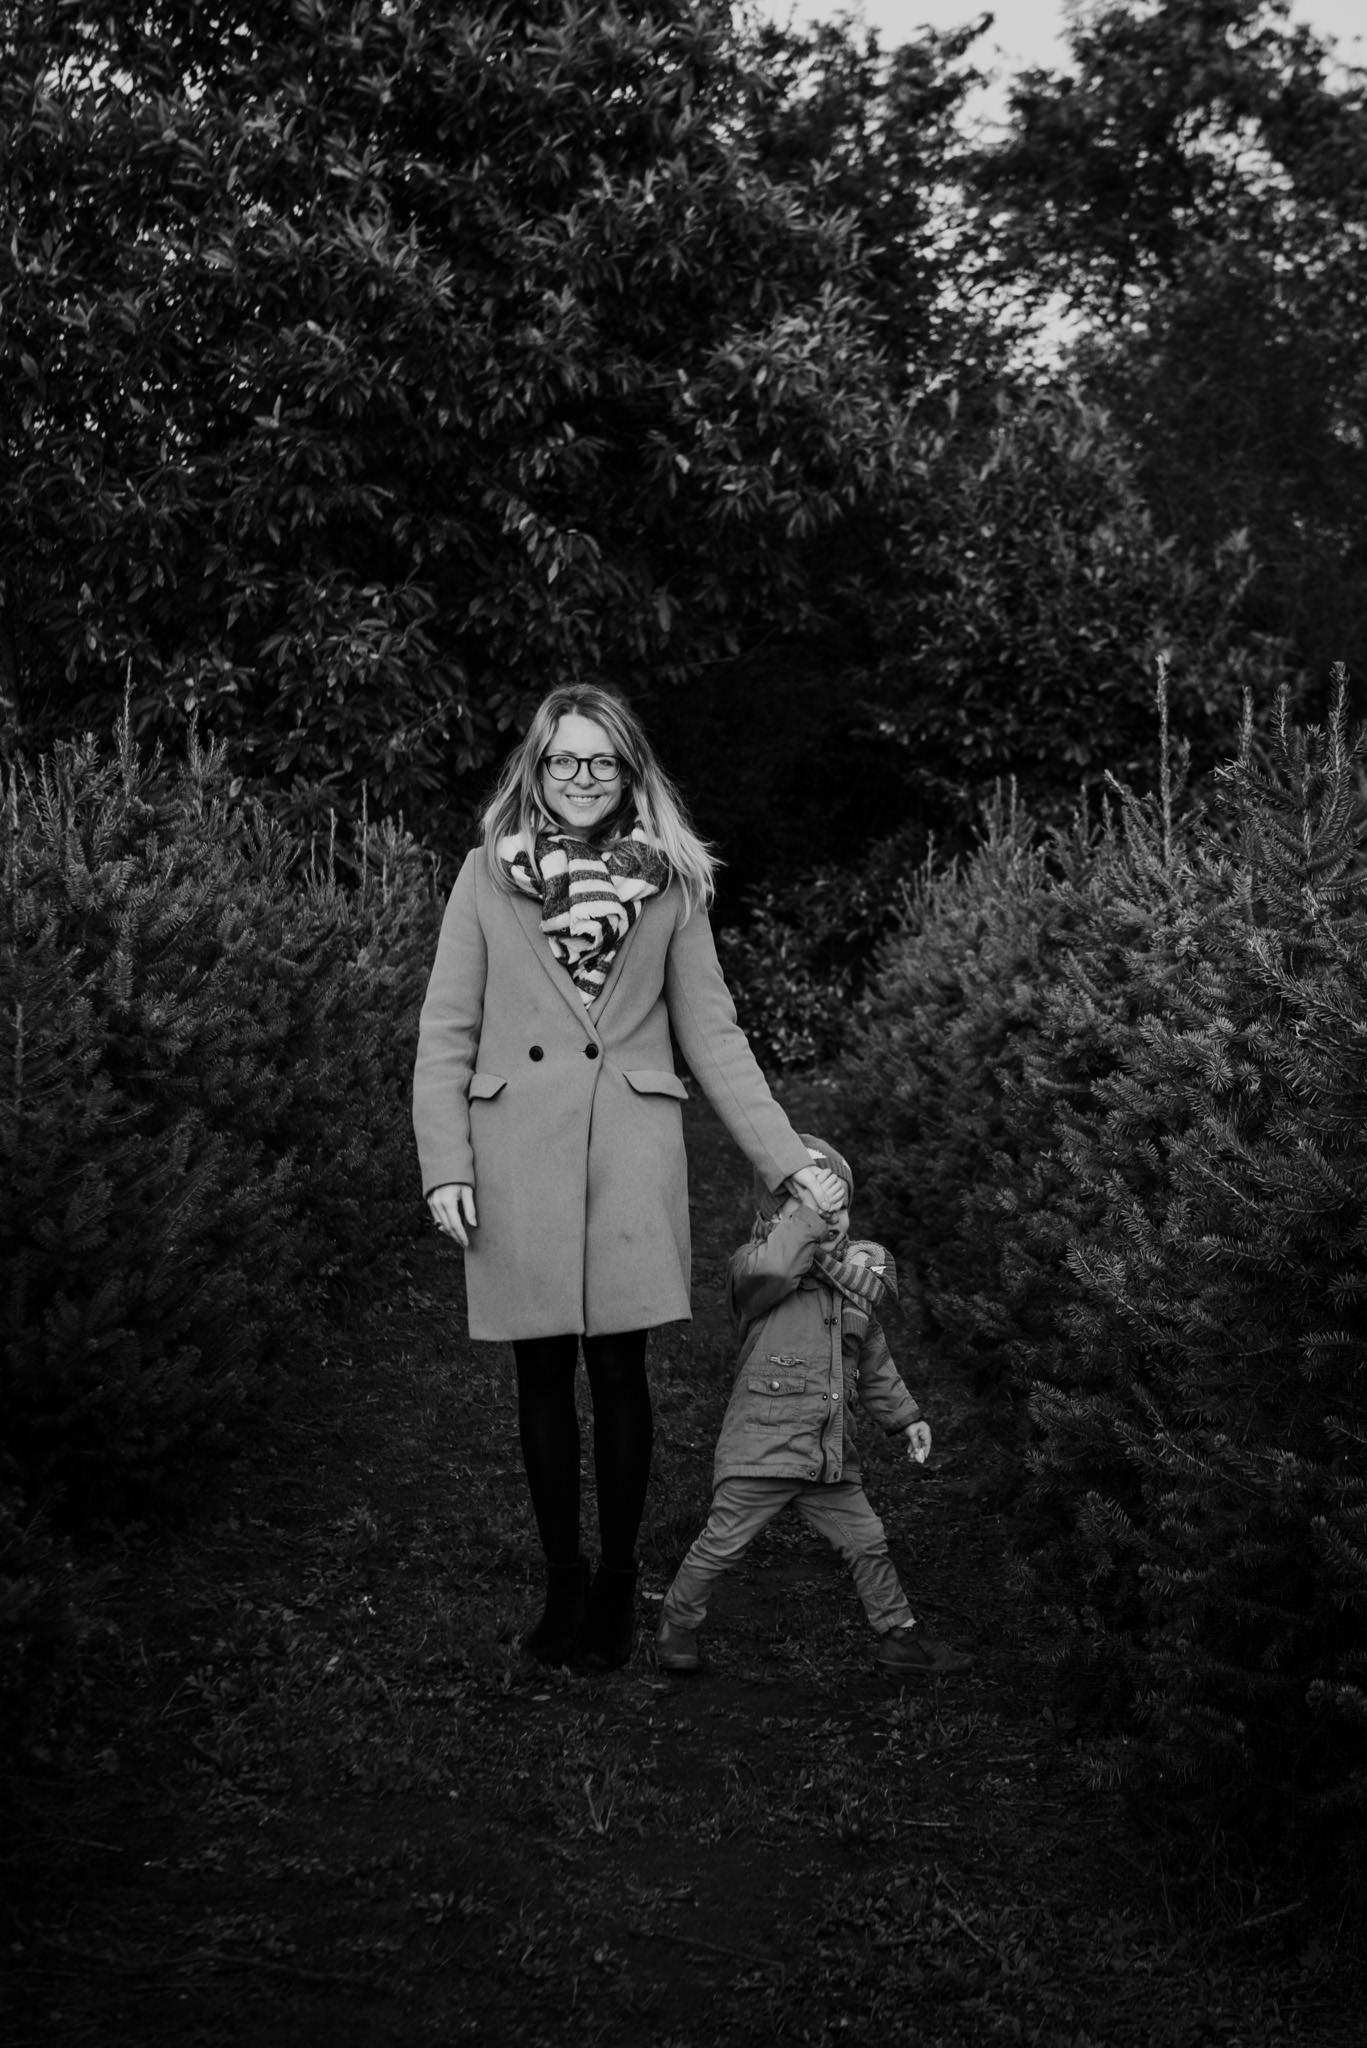 kerstsessies tussen de bomen